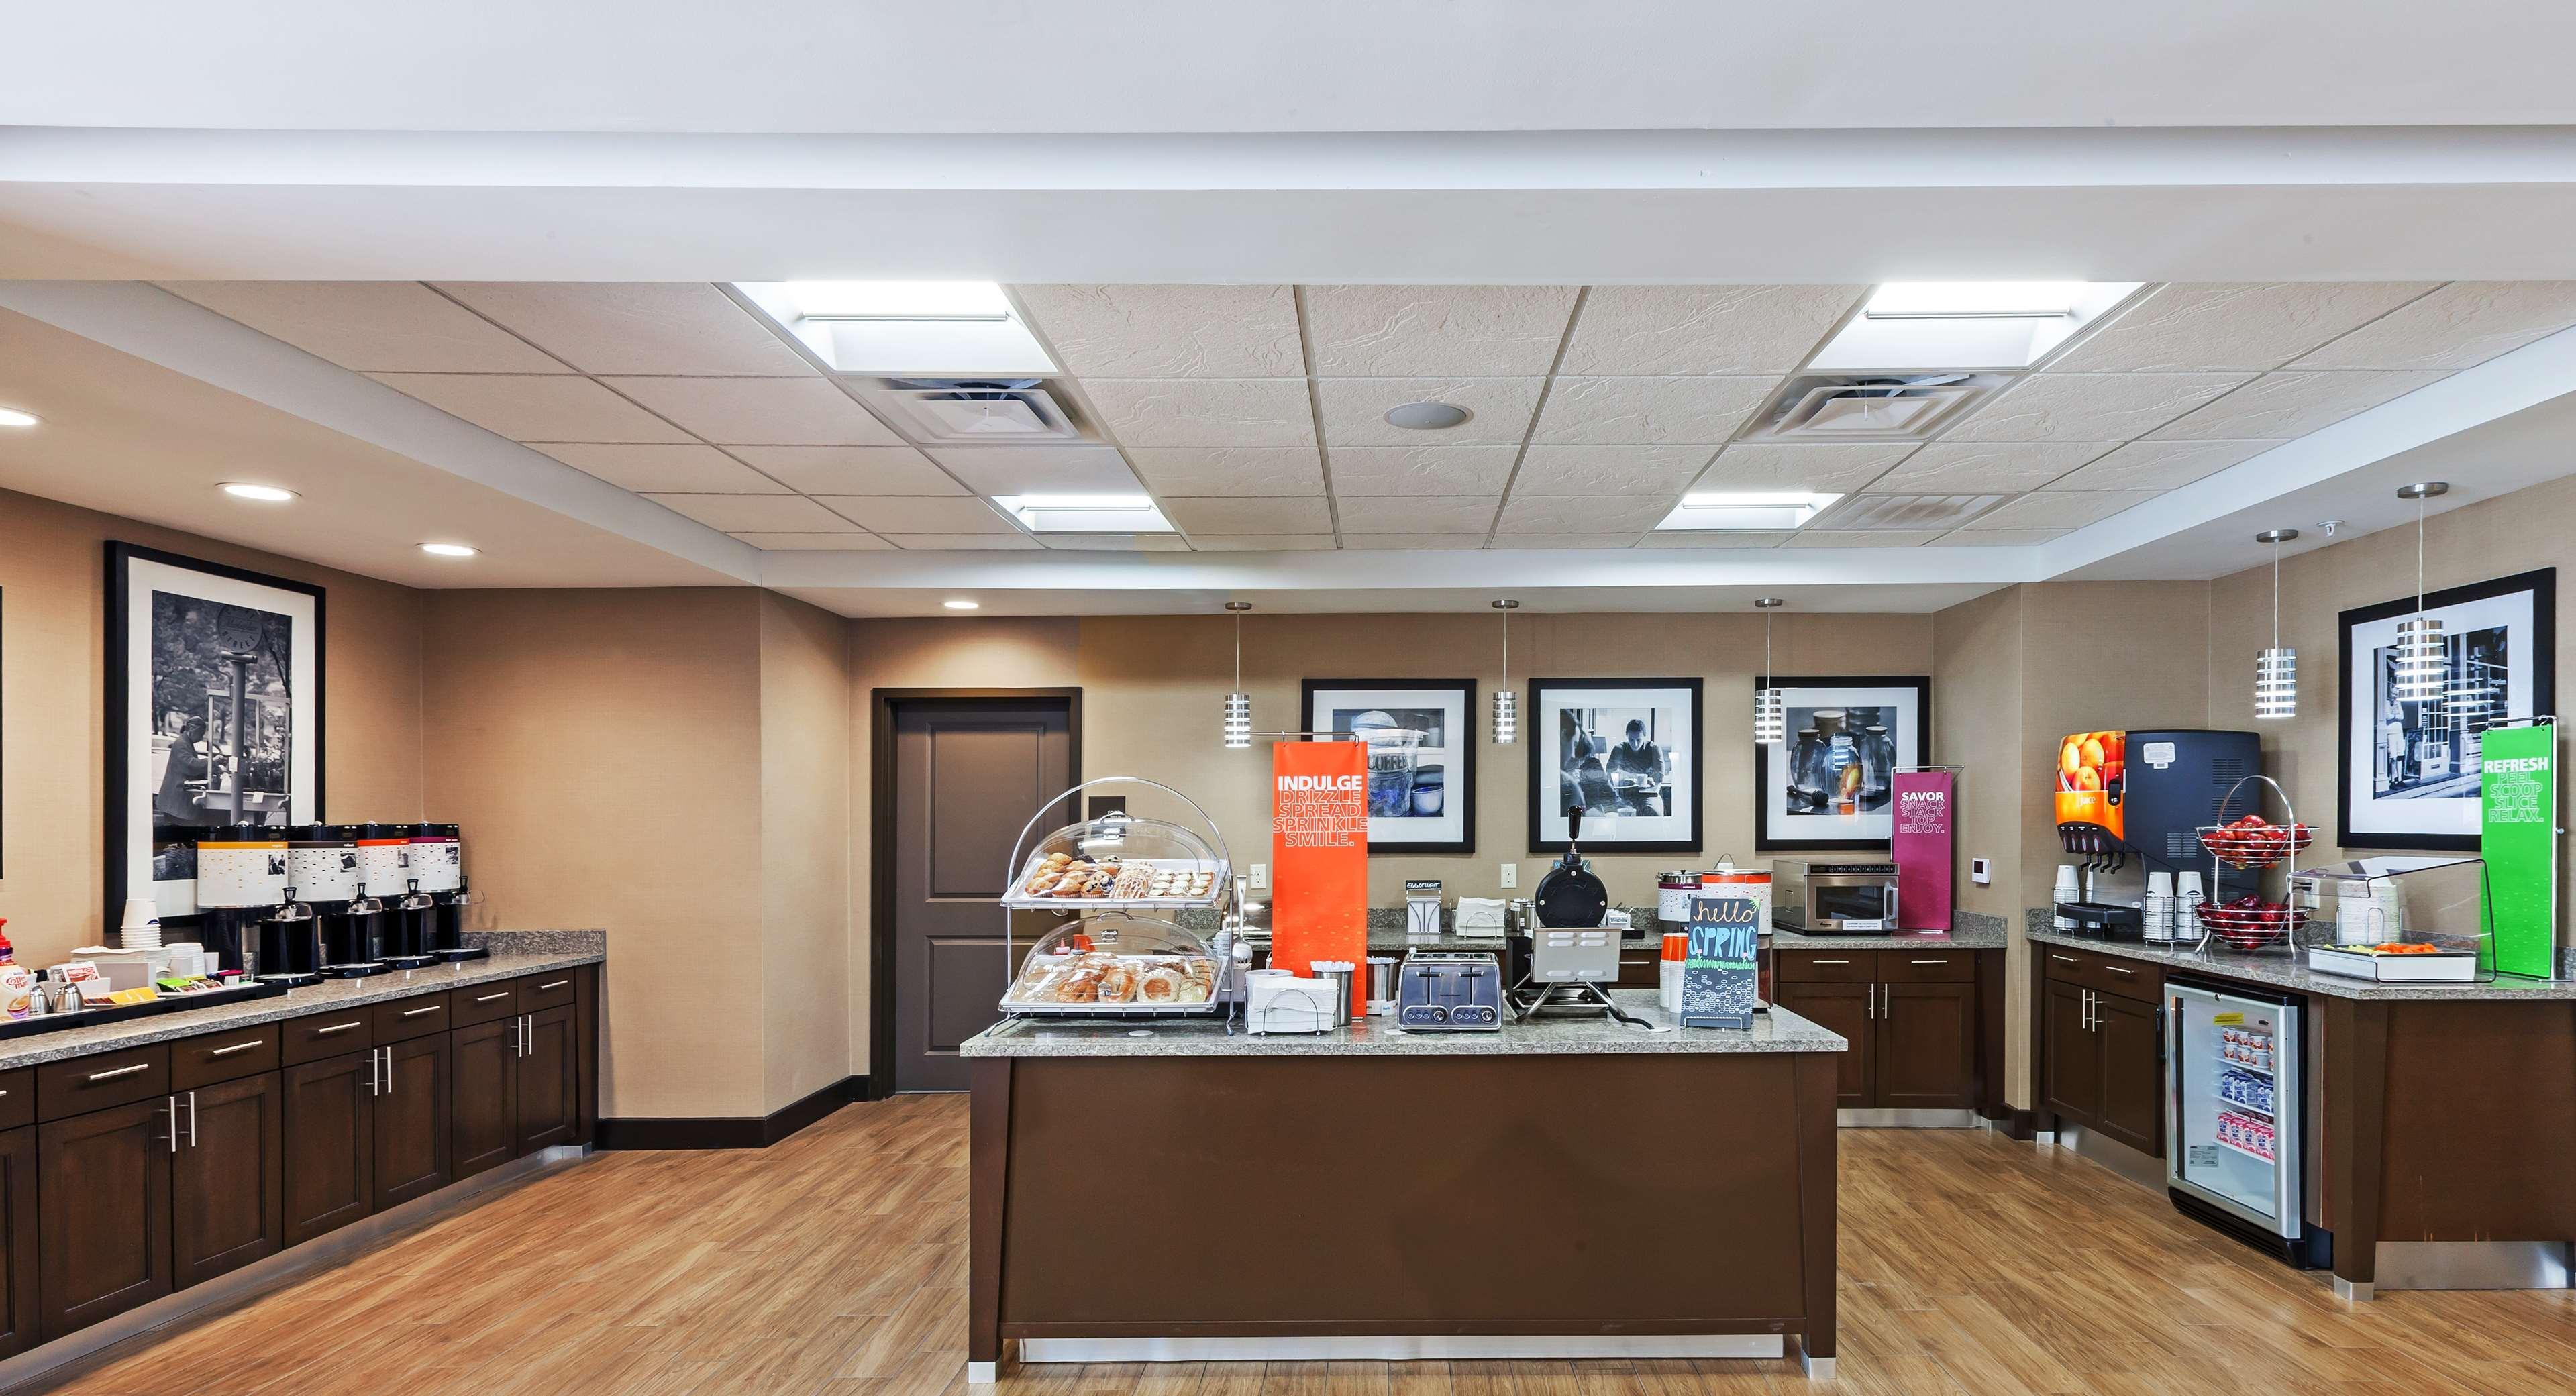 Hampton Inn & Suites Claremore image 9